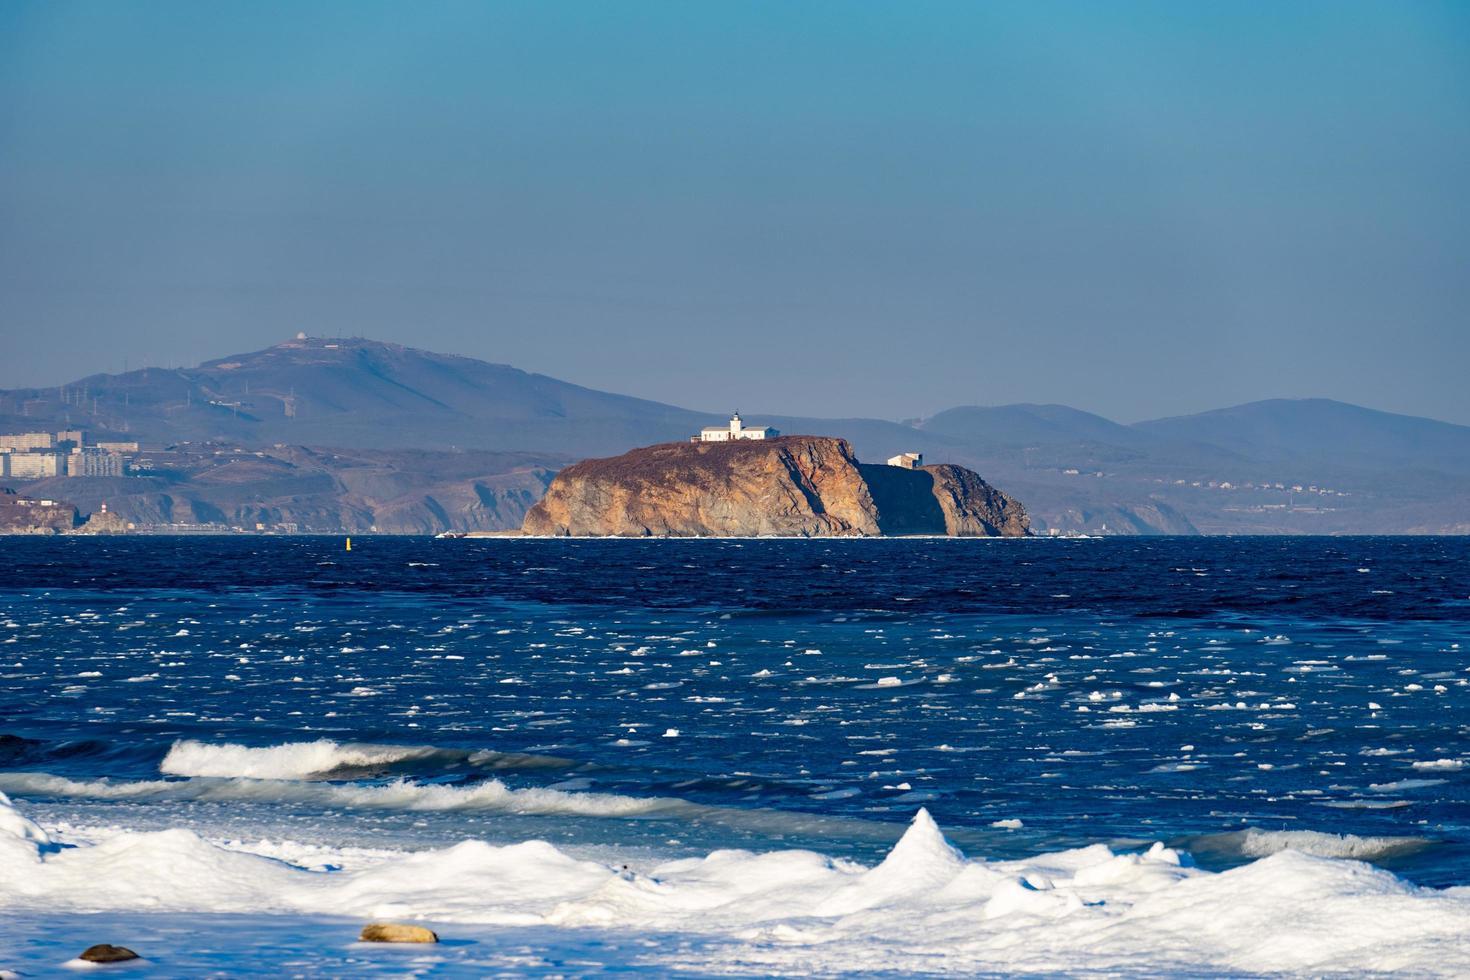 zeegezicht van een eiland in een watermassa met kustlijn in Vladivostok, Rusland foto